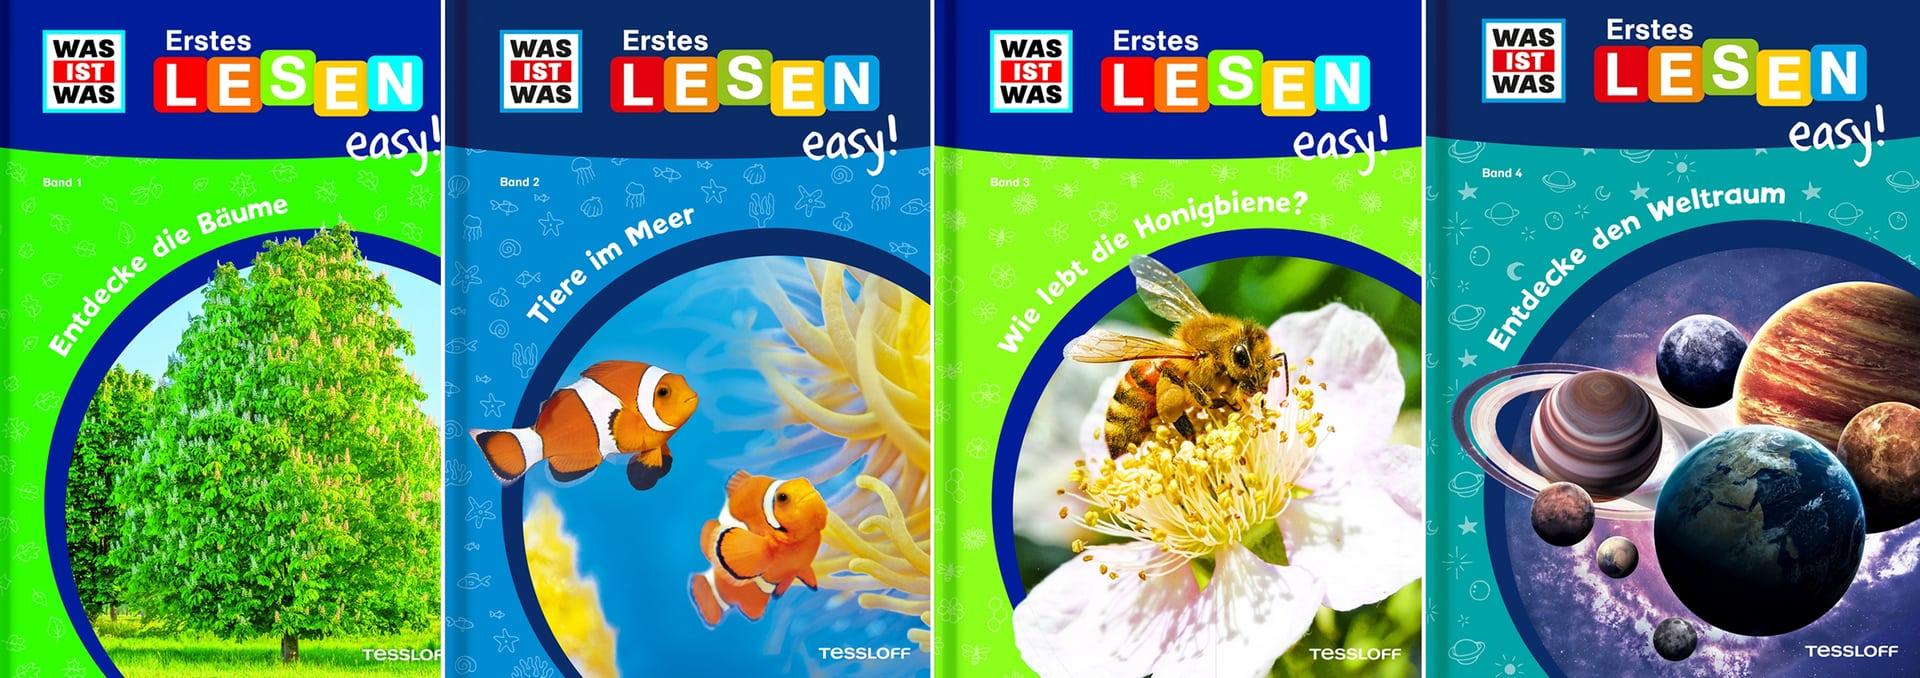 """Lernspaß im Lockdown – Neue Buchreihe für Leseanfänger Blizz verlost 3 x 4 Sachbücher aus der Buchreihe """"Erstes Lesen easy!"""" aus dem Tessloff Verlag"""